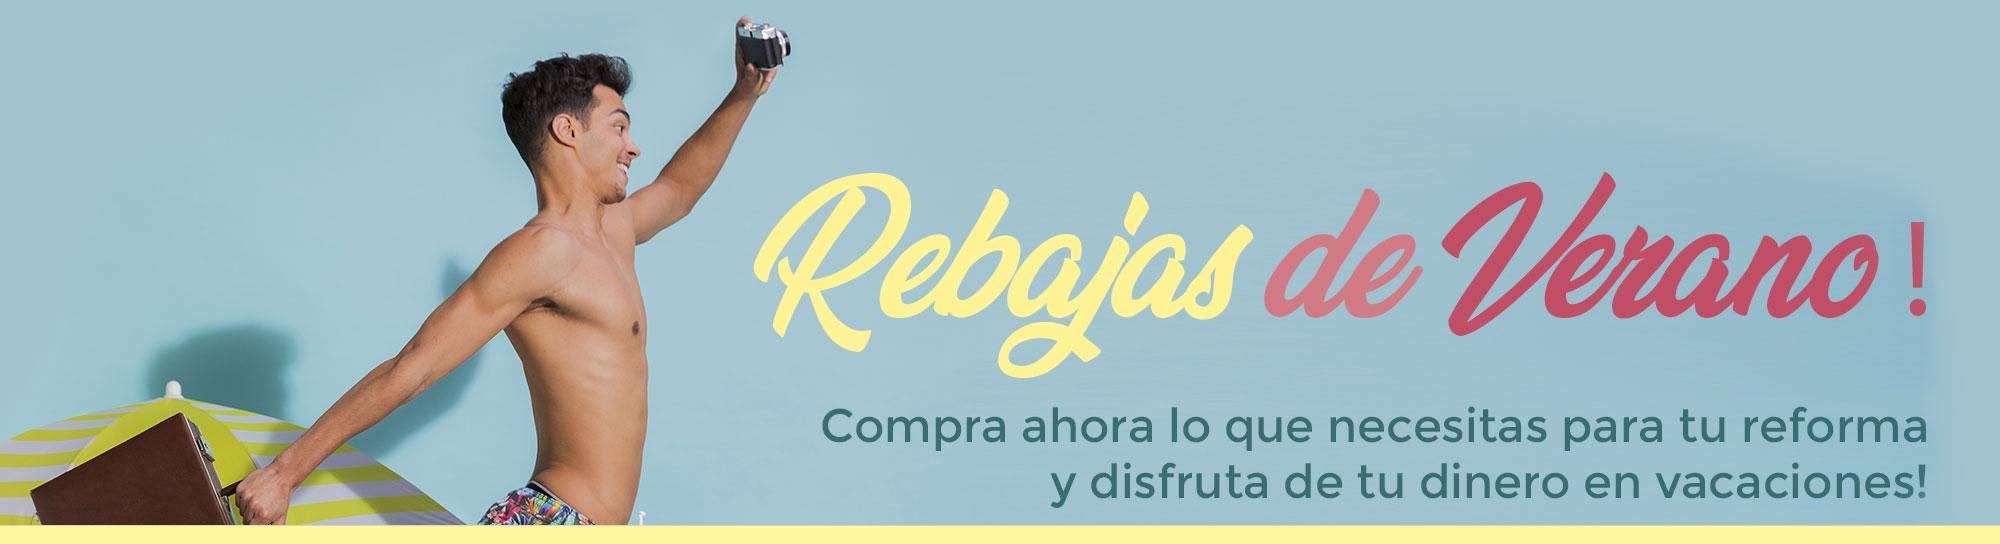 Rebajas de verano thebath.es